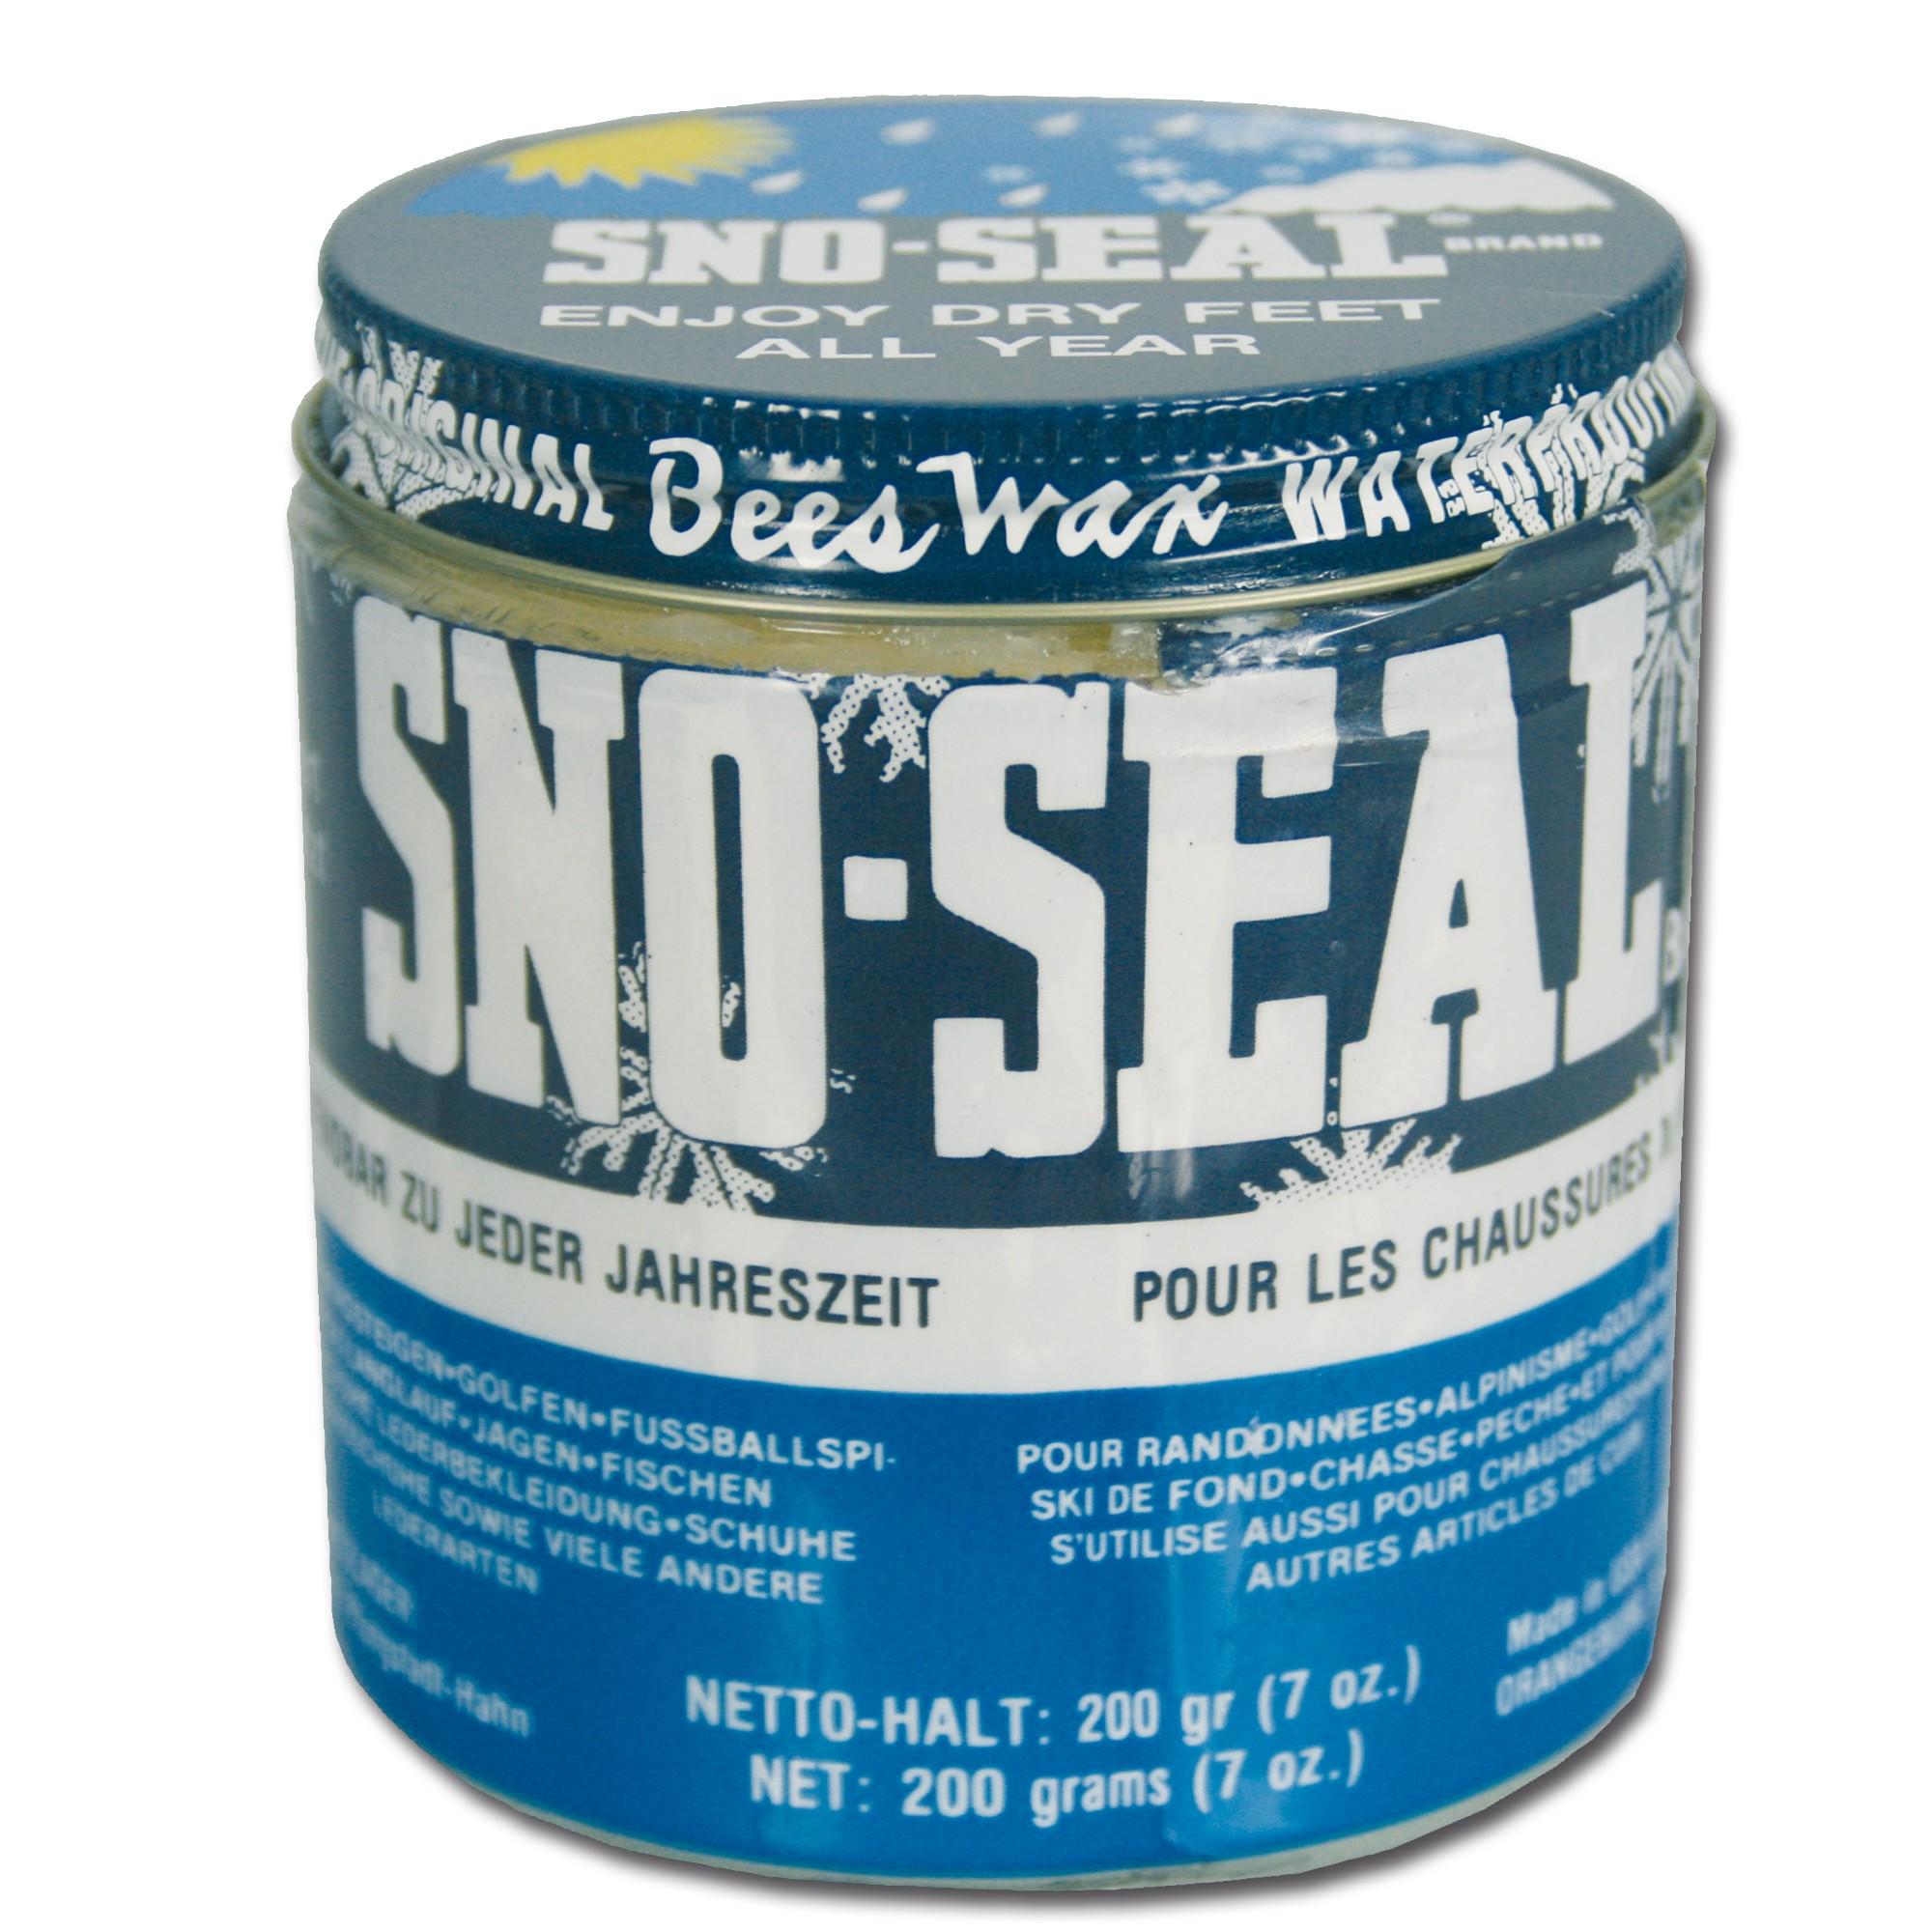 Schuhcreme Sno Seal Dose